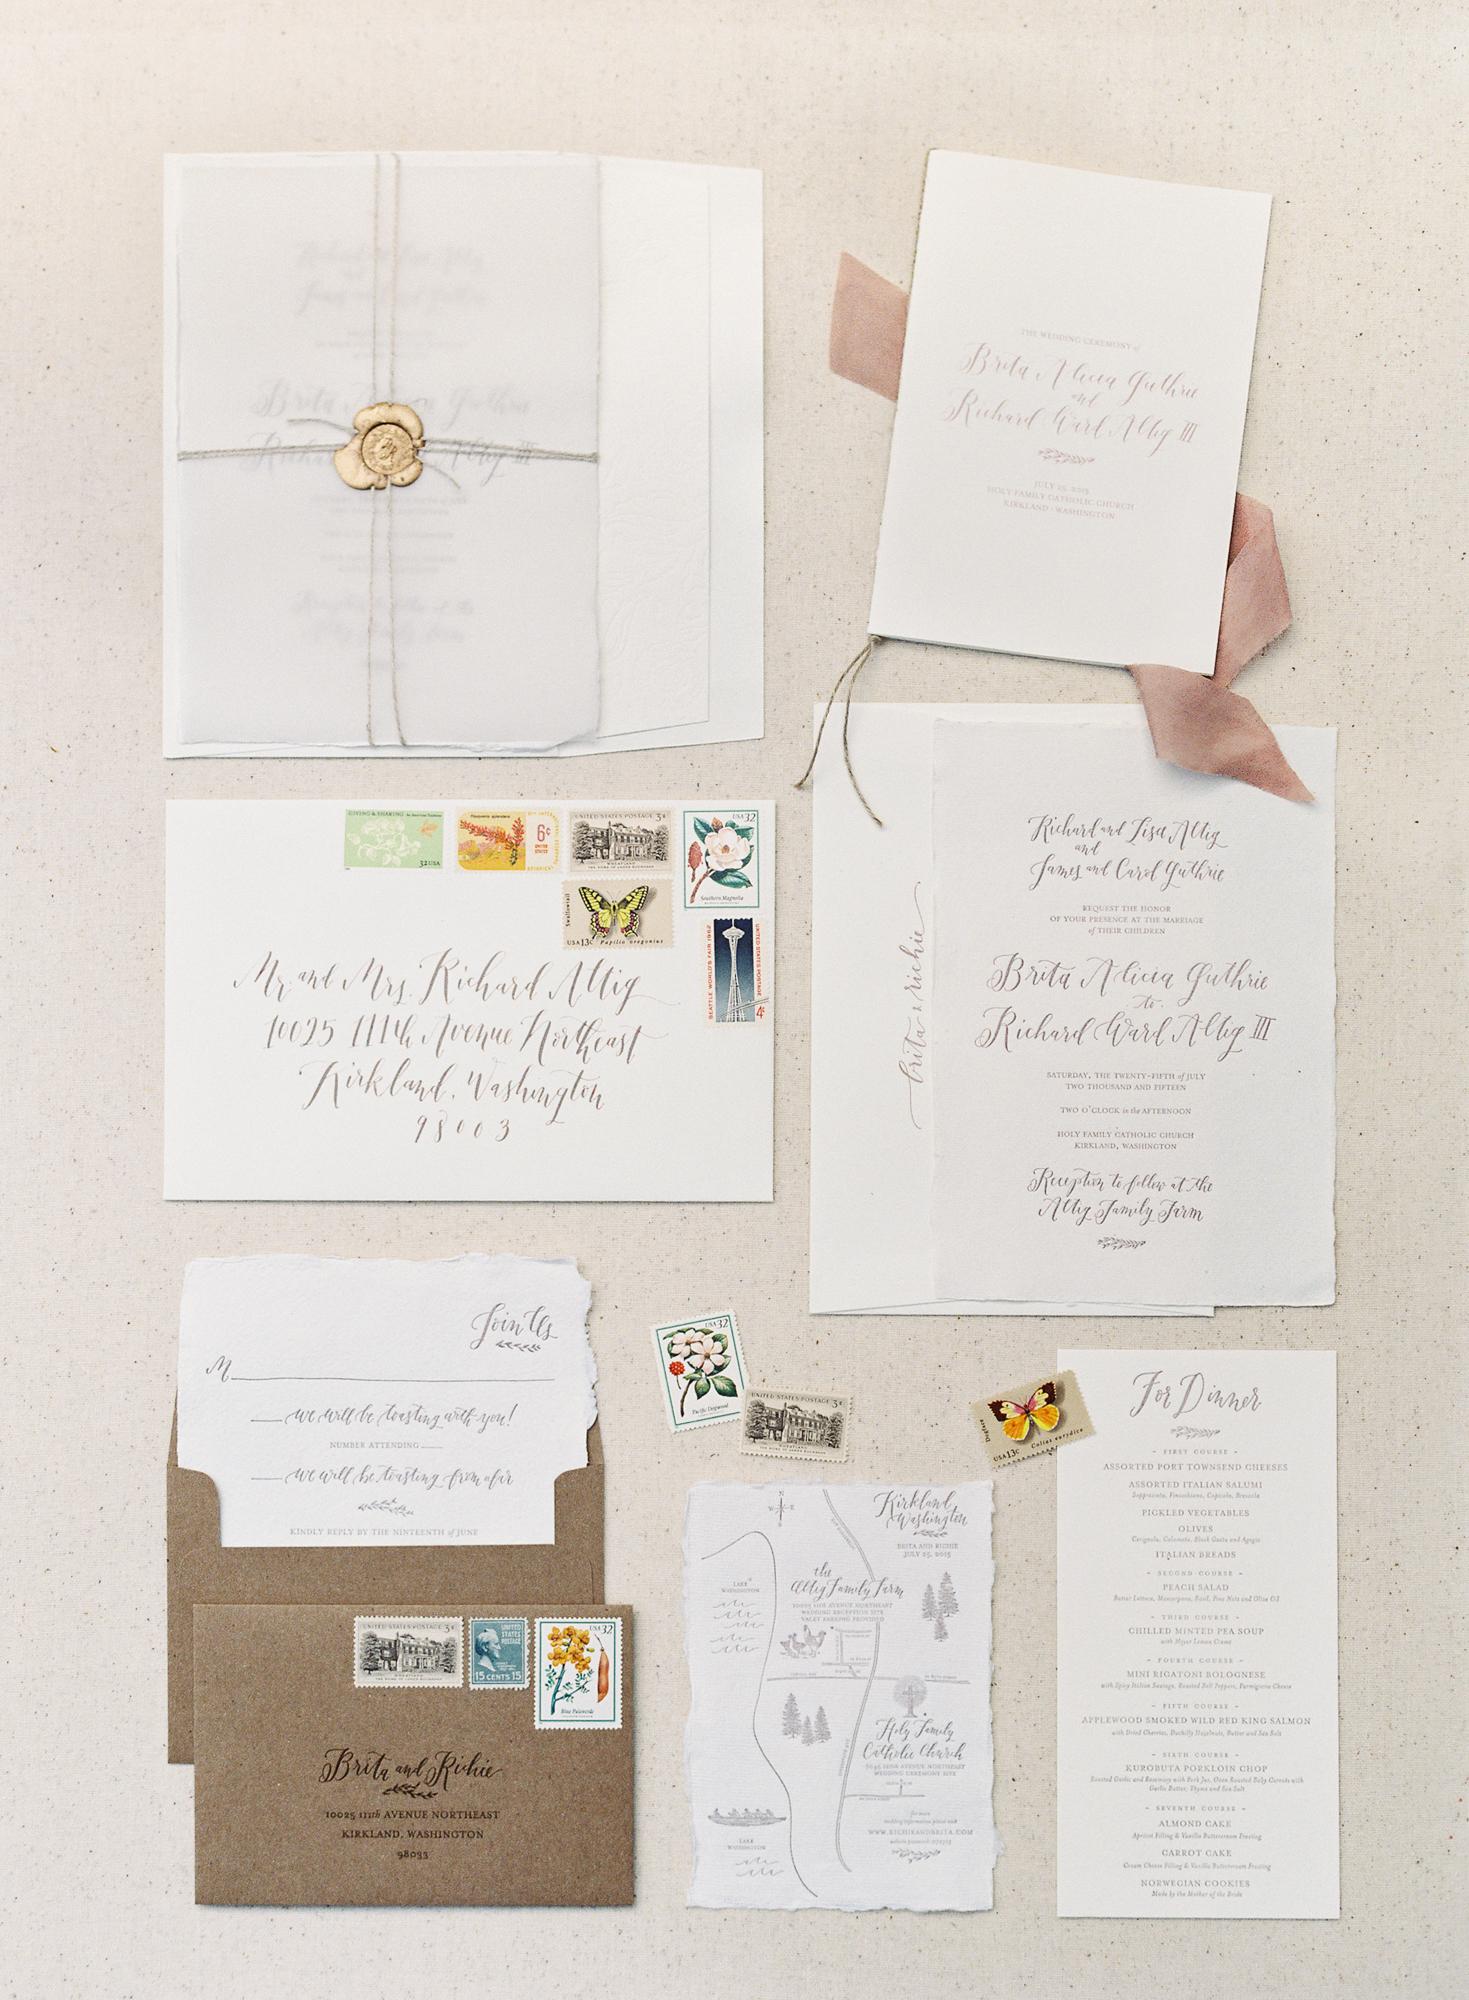 la Happy Design & Calligraphy Invitation Set